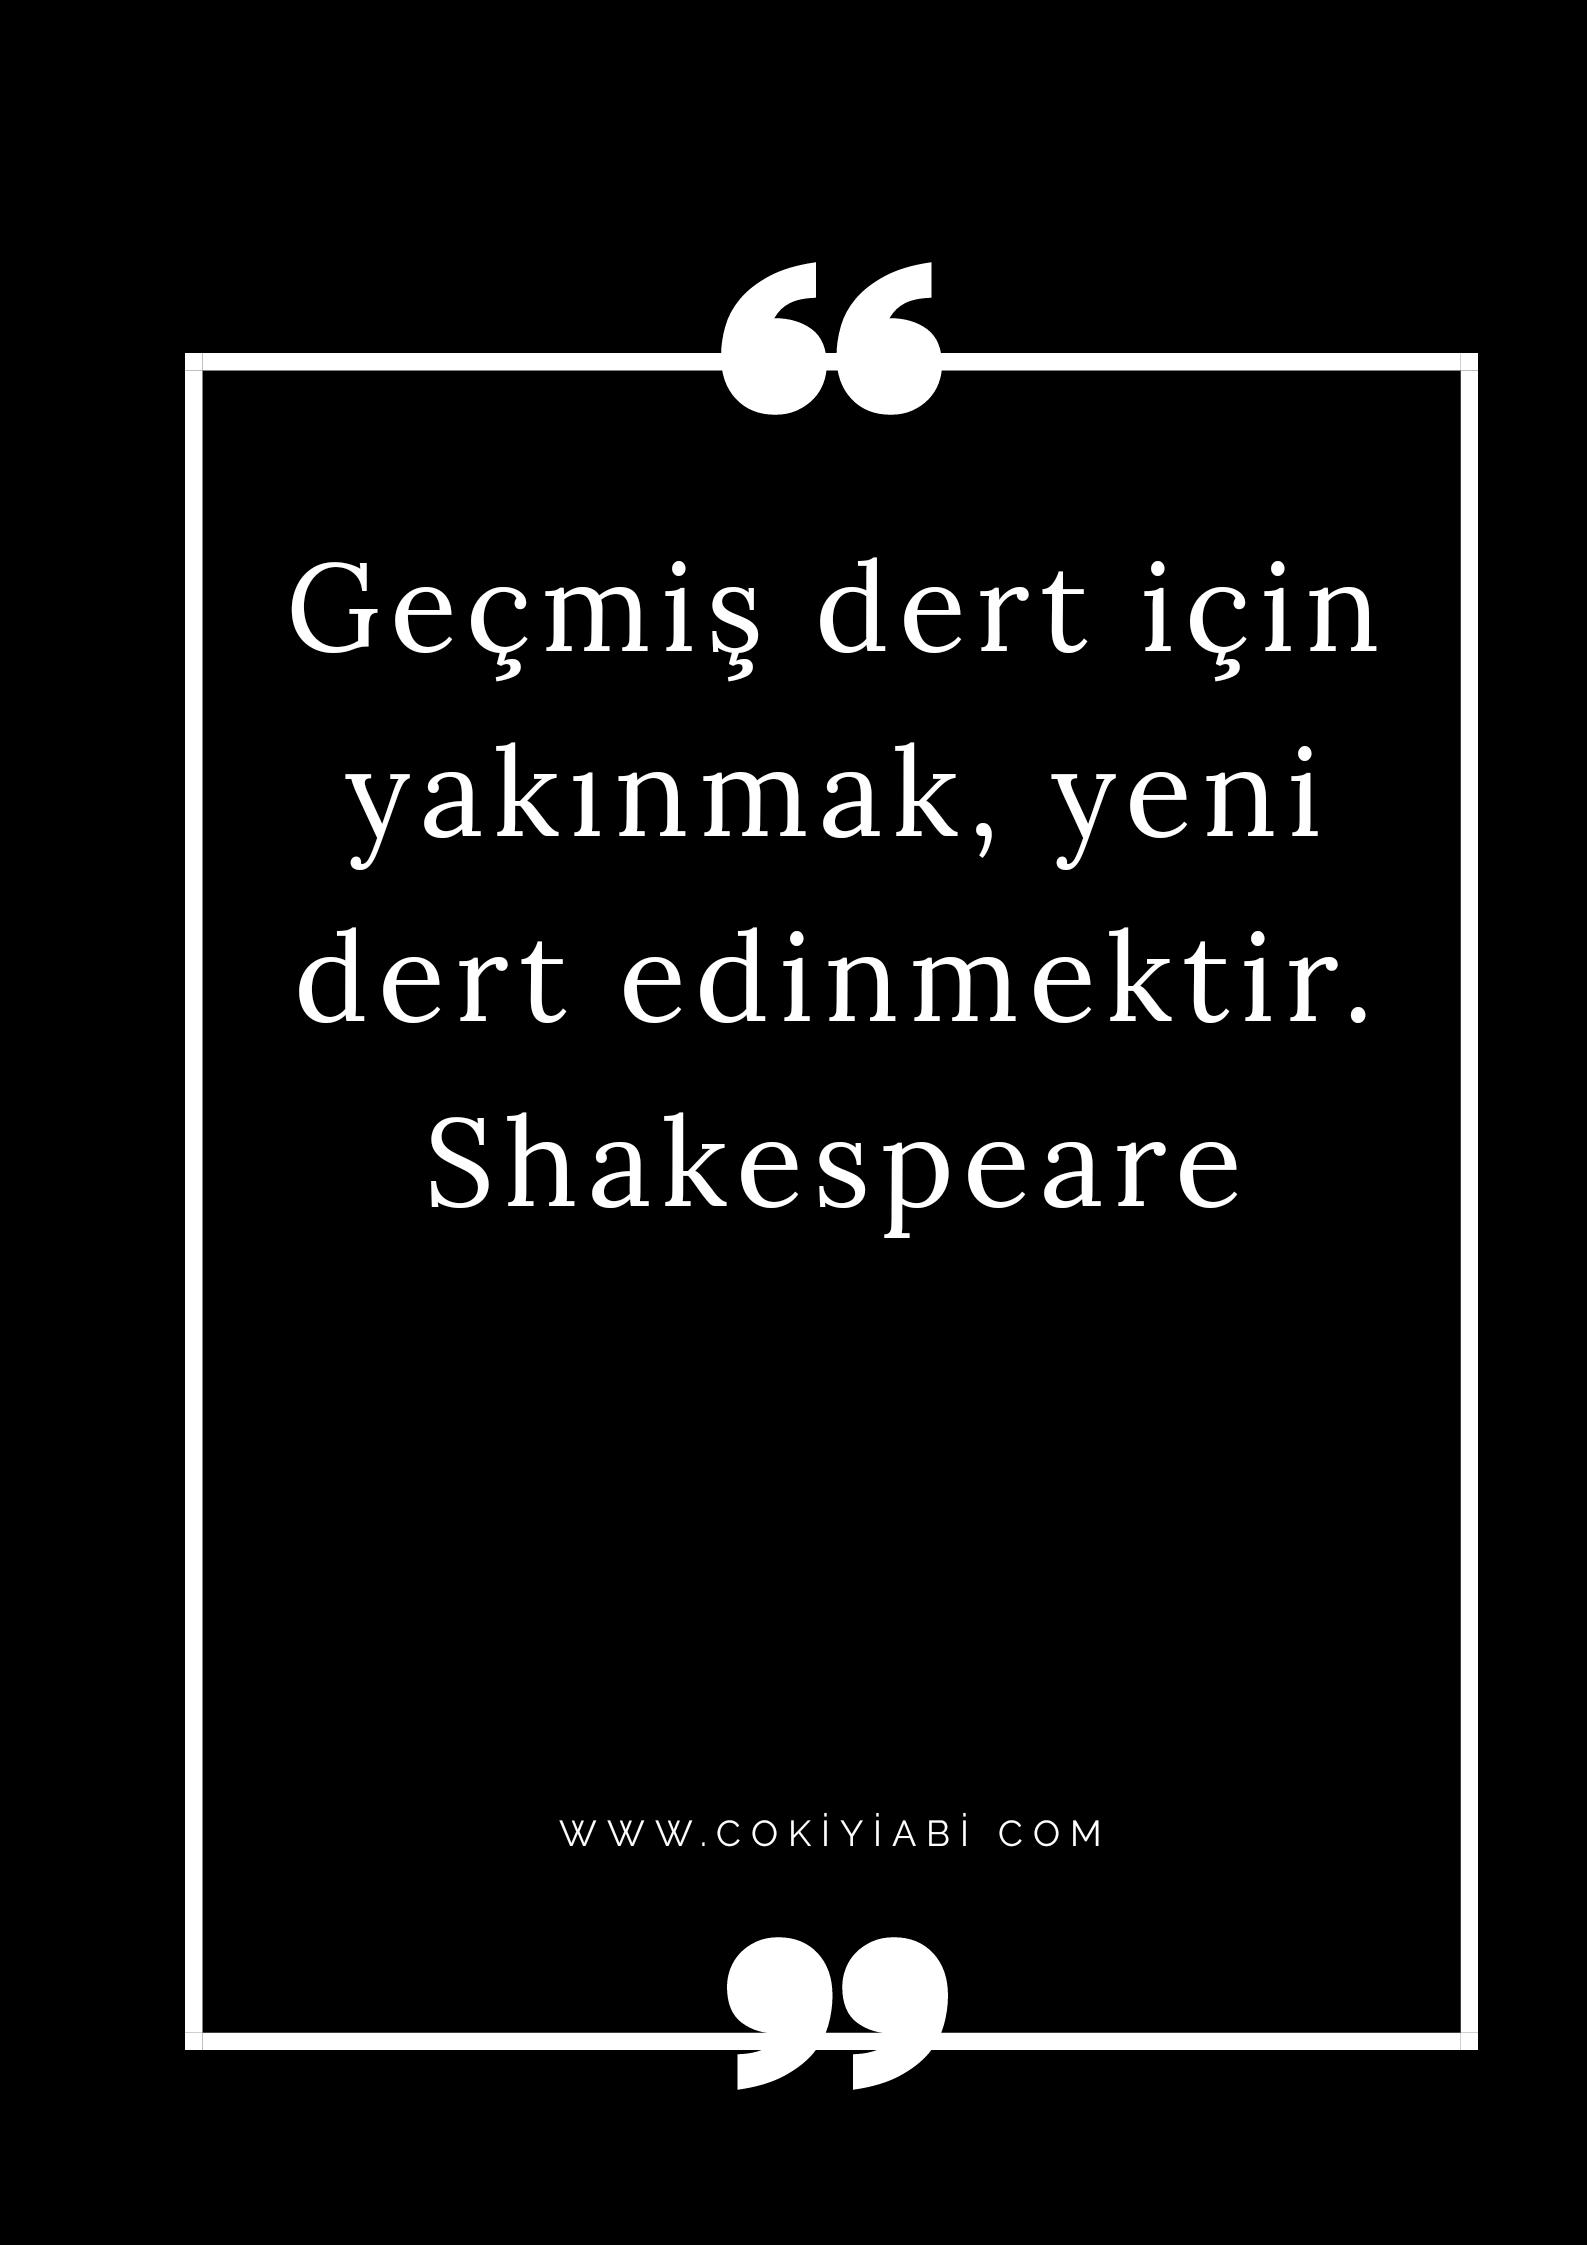 Shakespeare sözleri